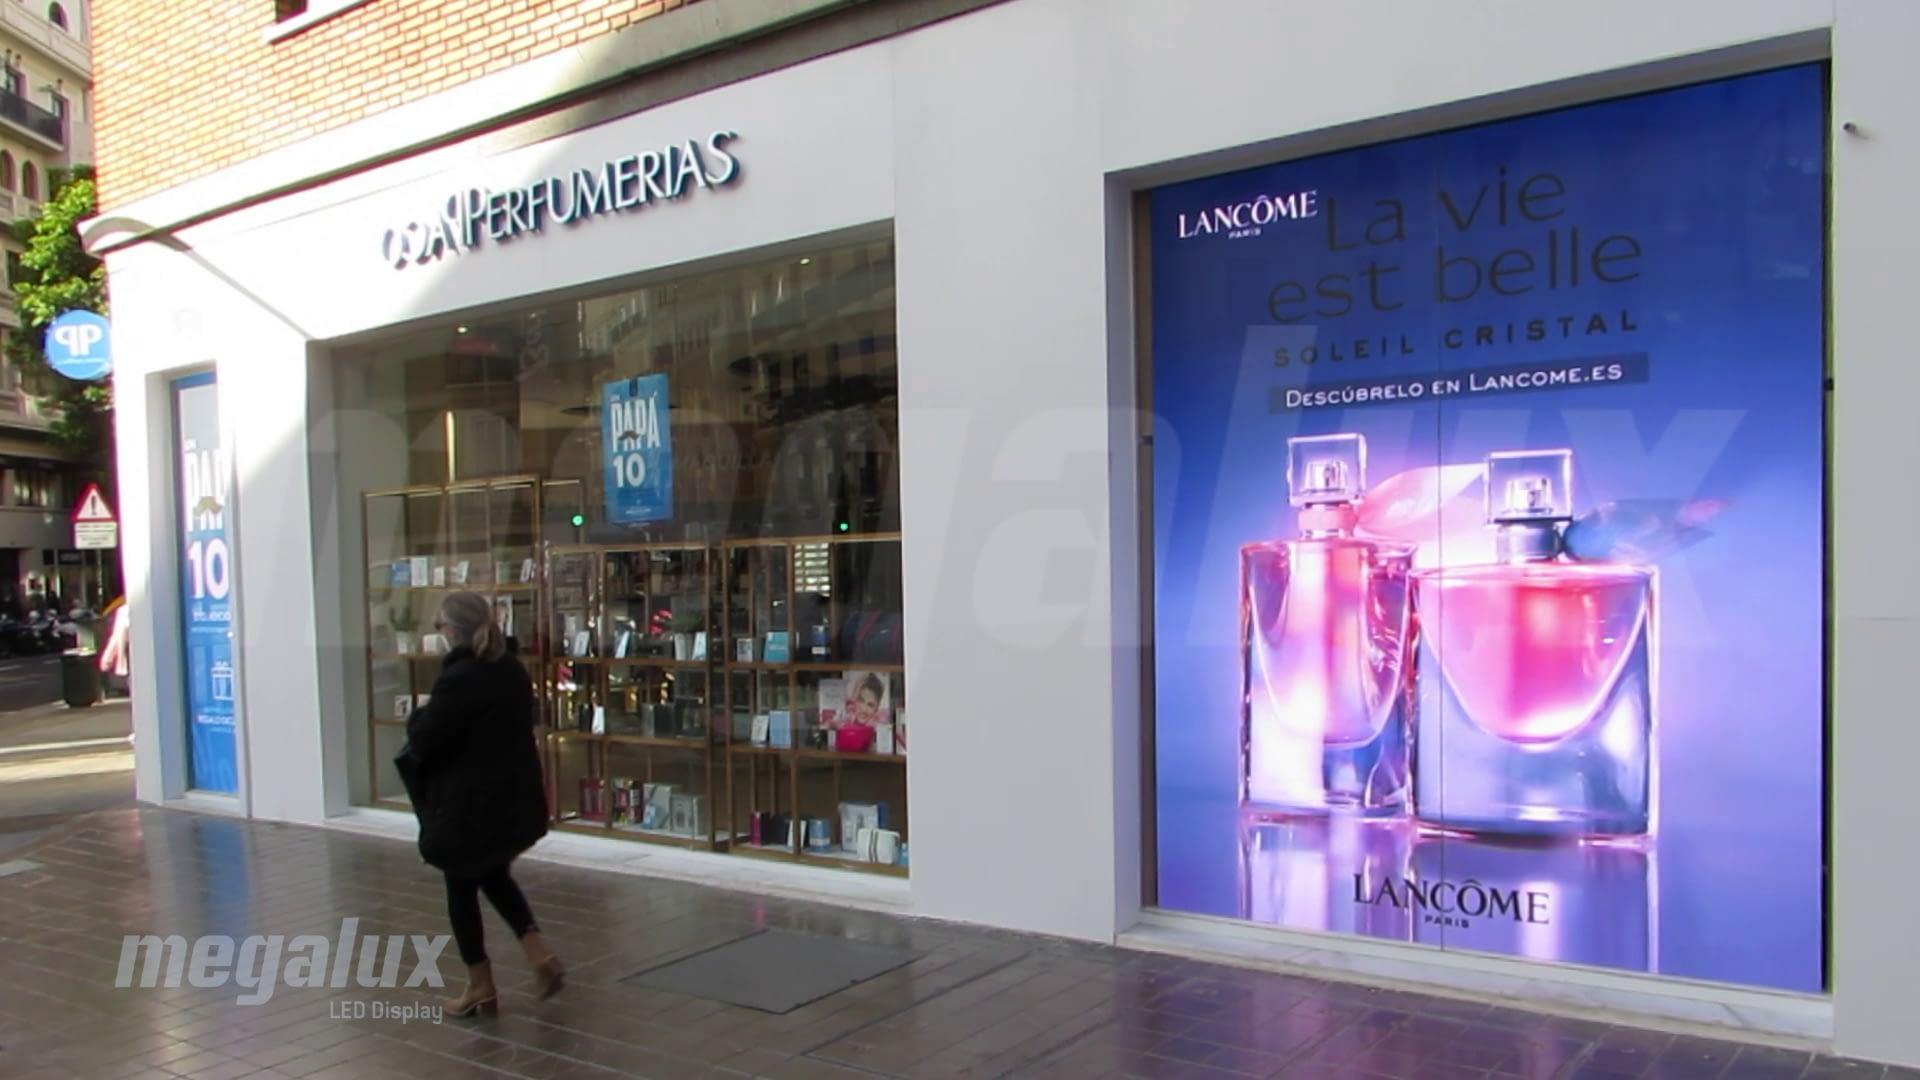 Perfumerías Paco instala impresionantes pantallas LED Megalux en sus escaparates